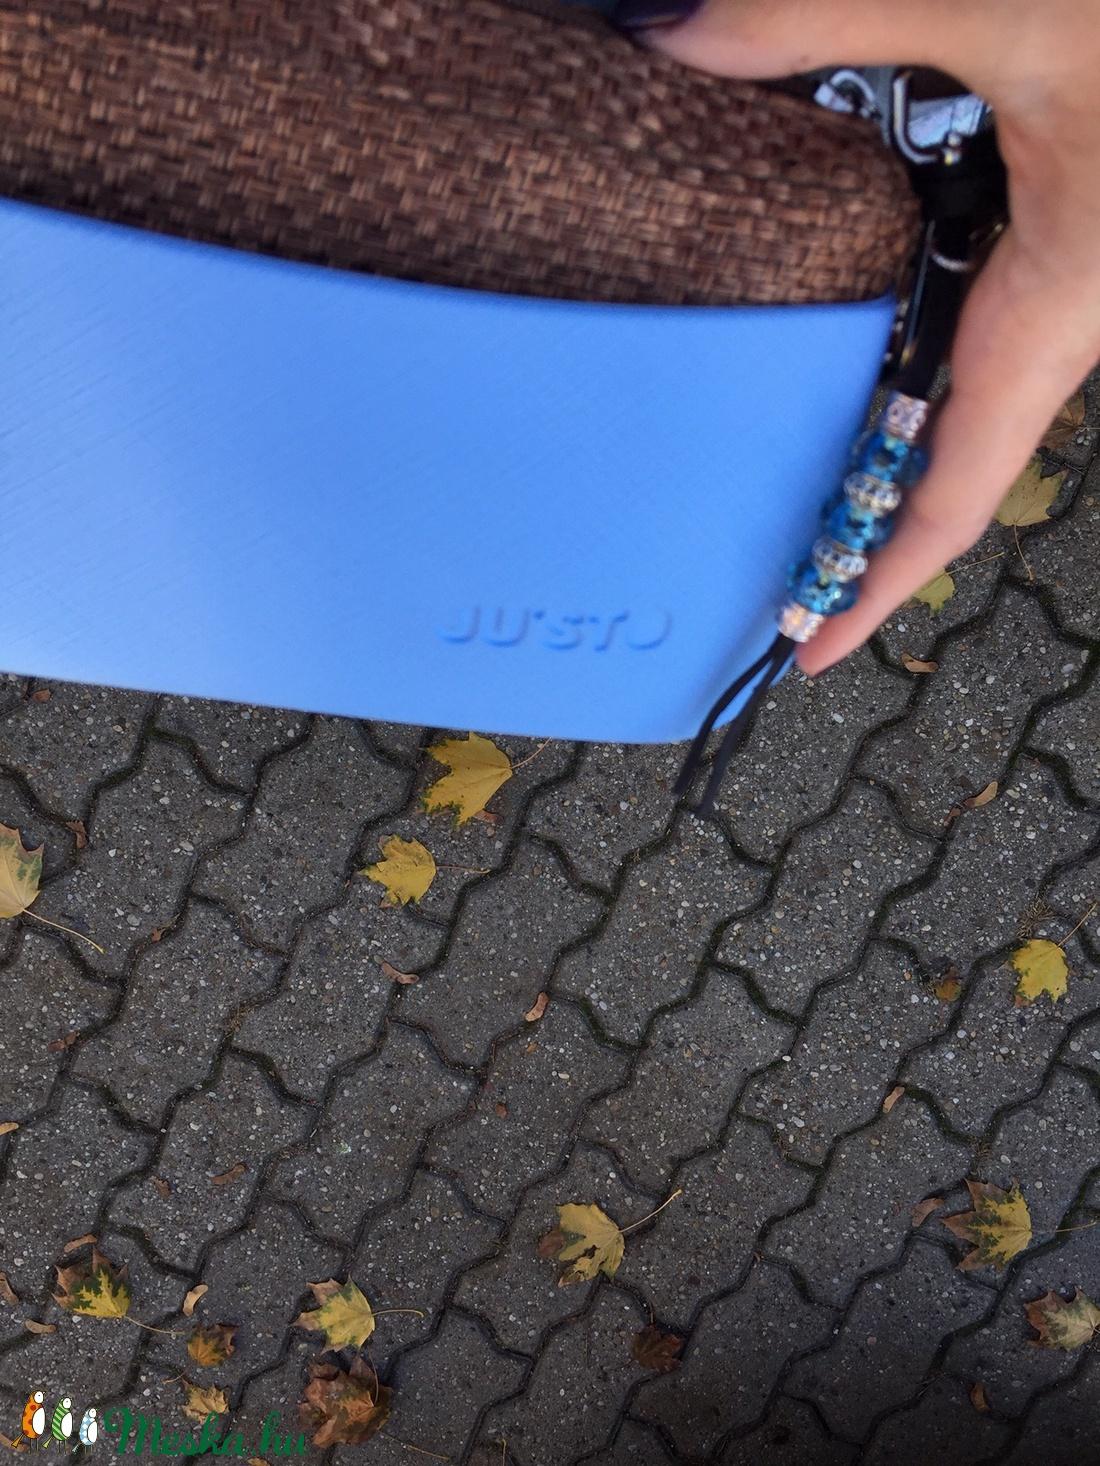 AKCIÓ!!Táskadíszek O bag táskákhoz Pandora gyöngyökkel - táska & tok - kulcstartó & táskadísz - táskadísz - Meska.hu